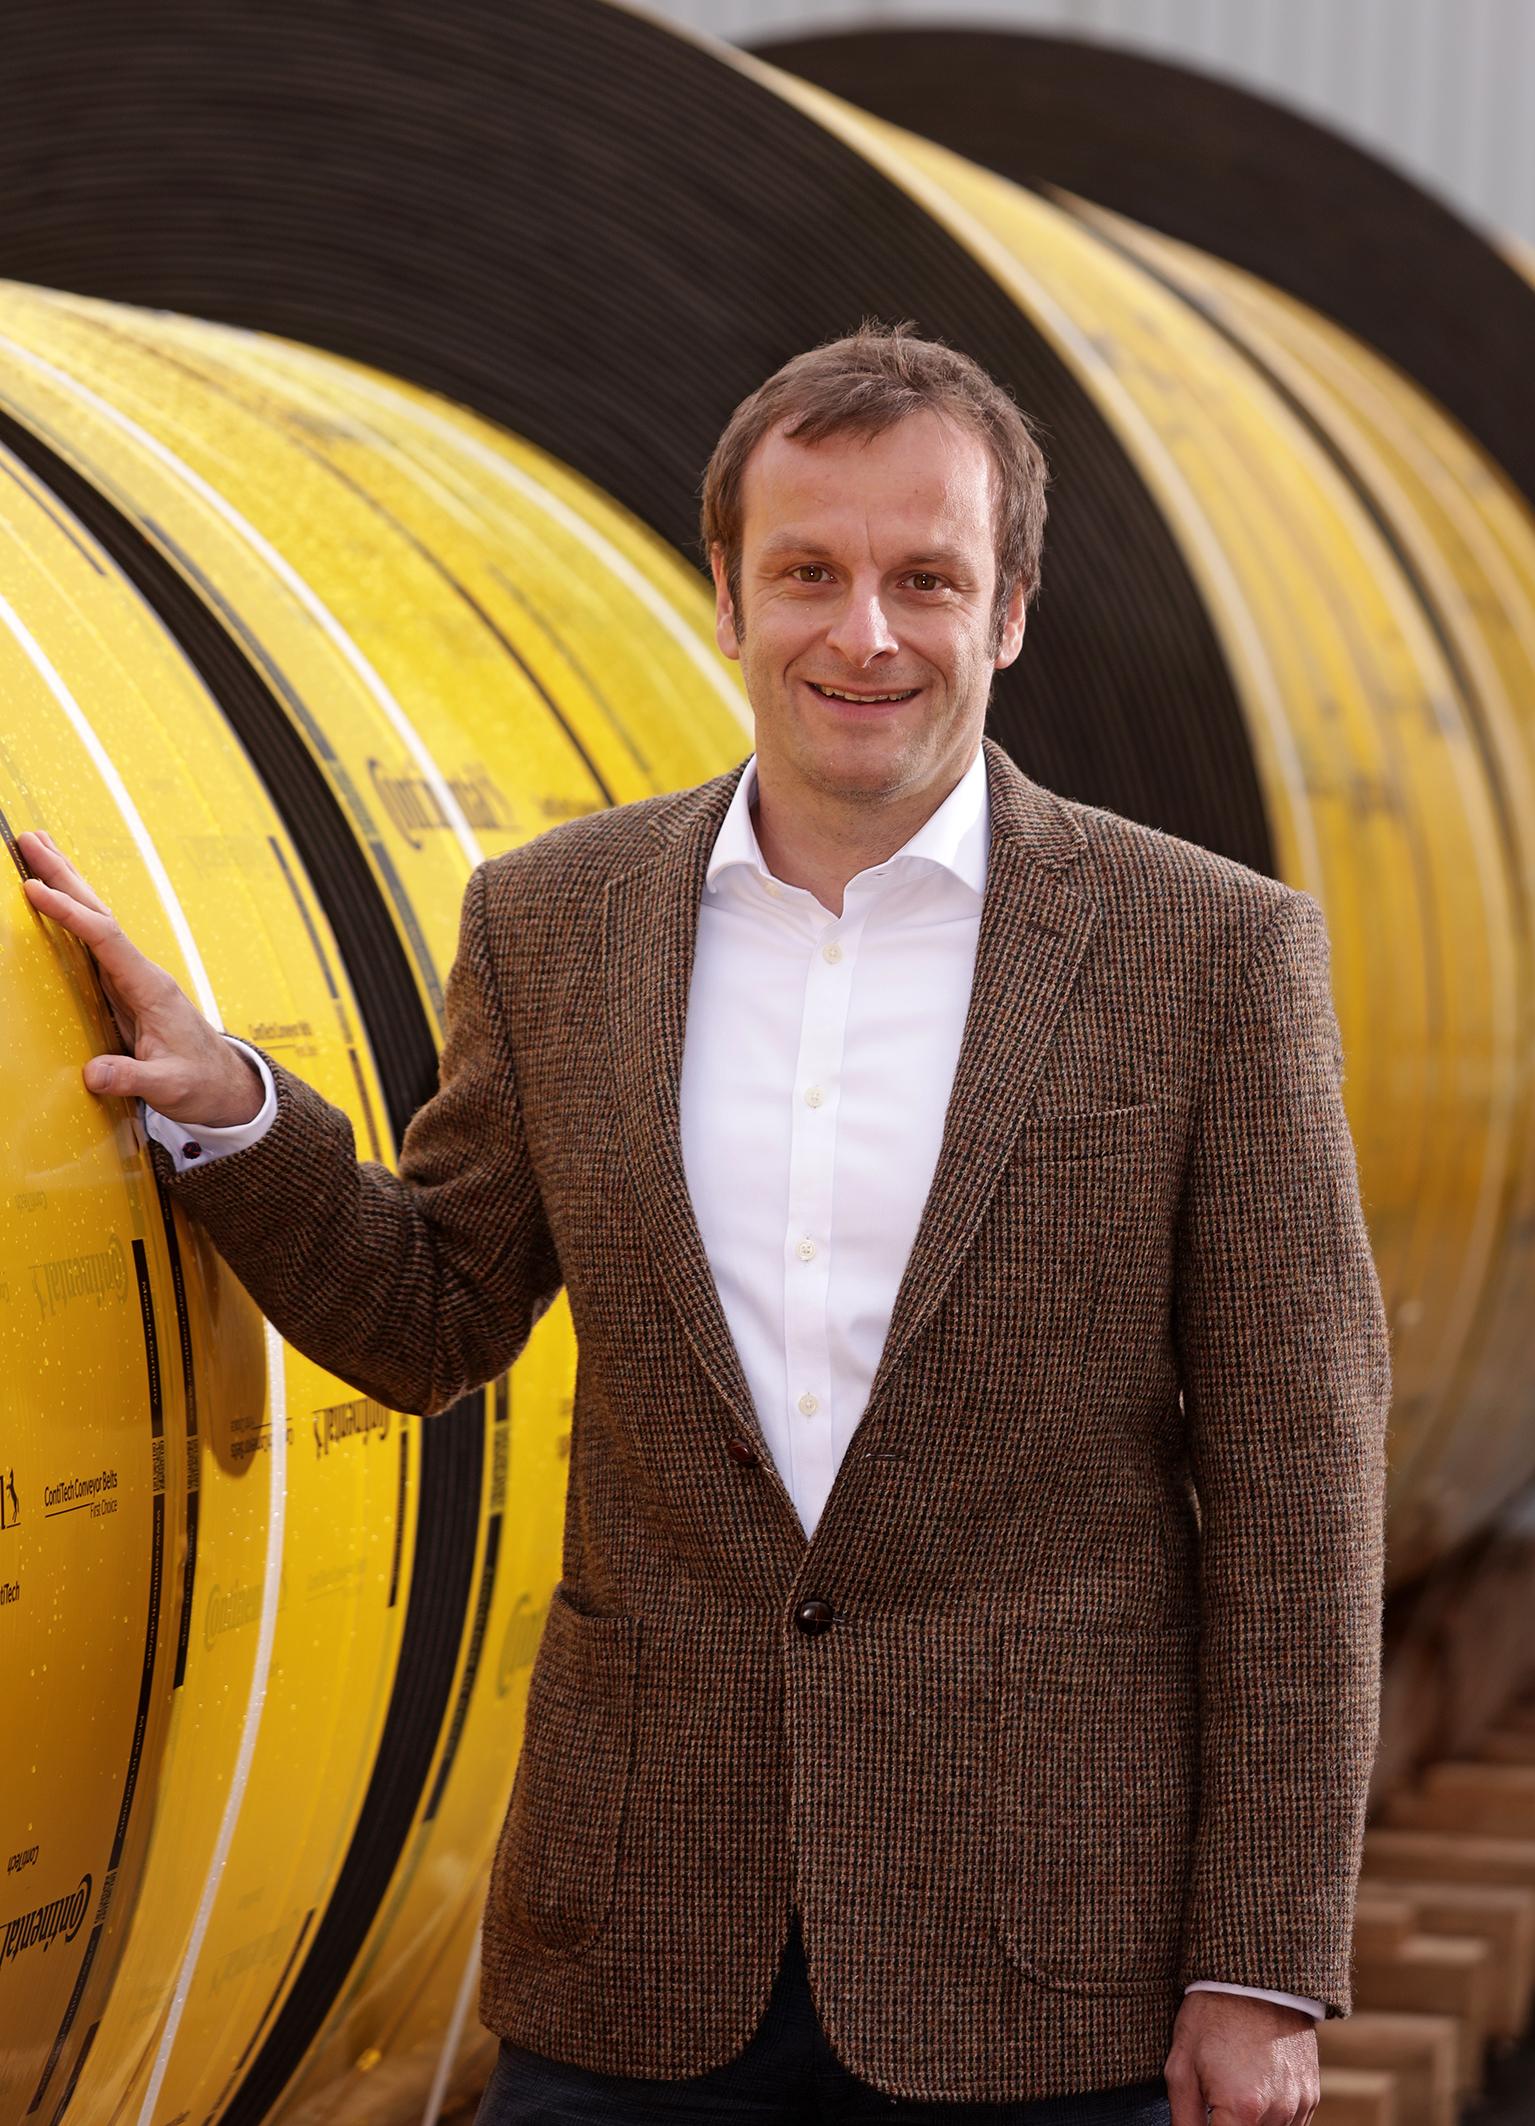 Dr. Michael Hofmann leitet das neue aufgestellte Industriesegment der ContiTech Conveyor Belt Group. Foto: ContiTech